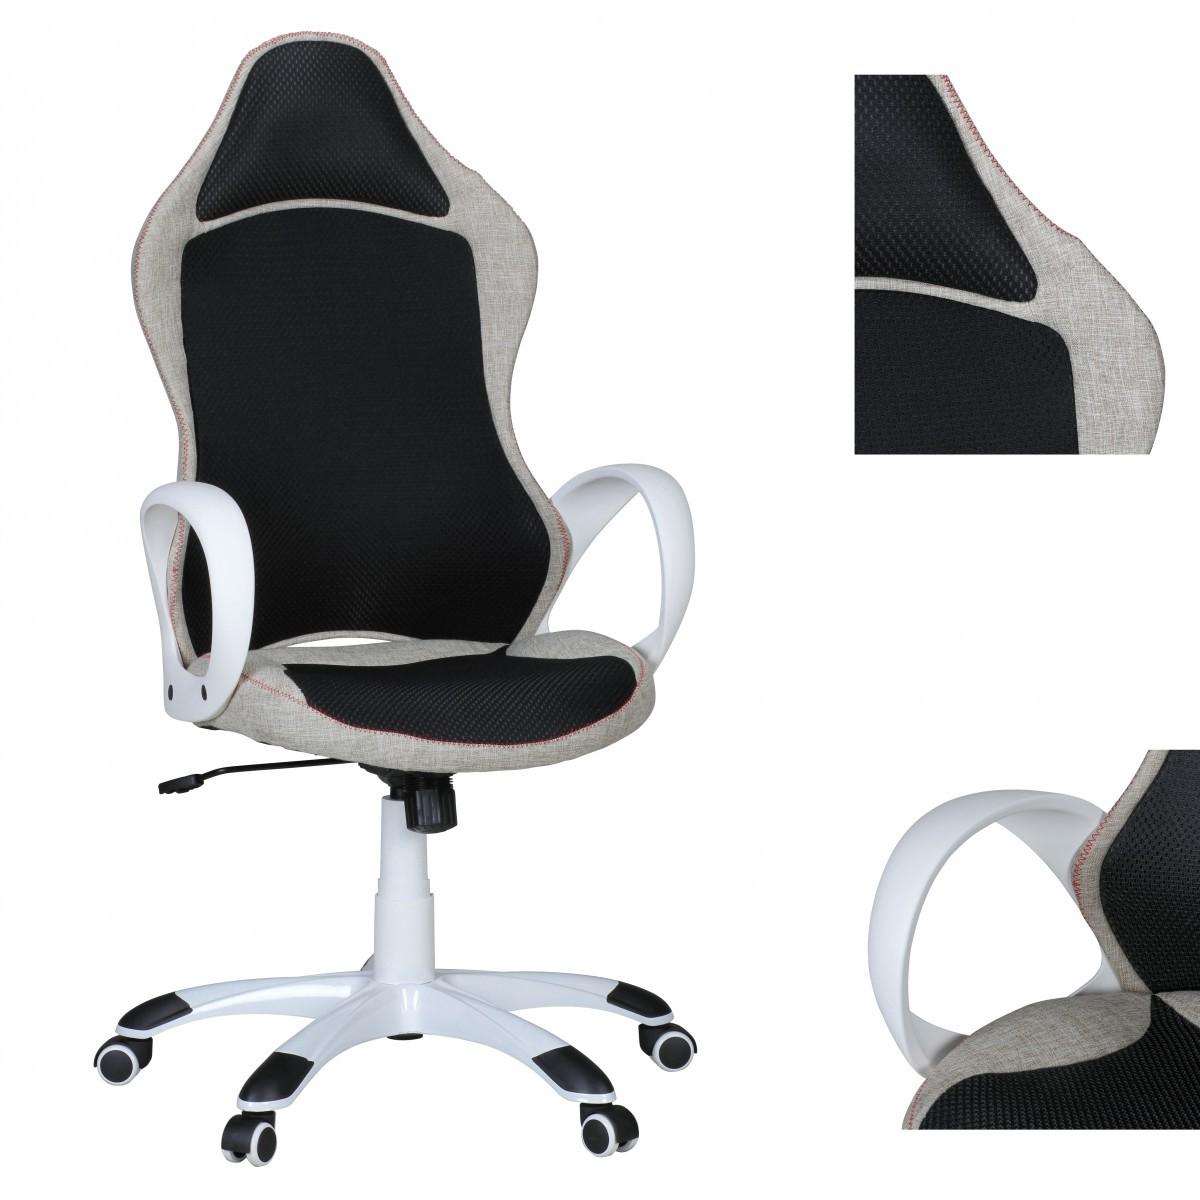 Schreibtischstuhl schwarz weiß  FineBuy Bürostuhl ROSO Stoffbezug Schreibtischstuhl Armlehne ...